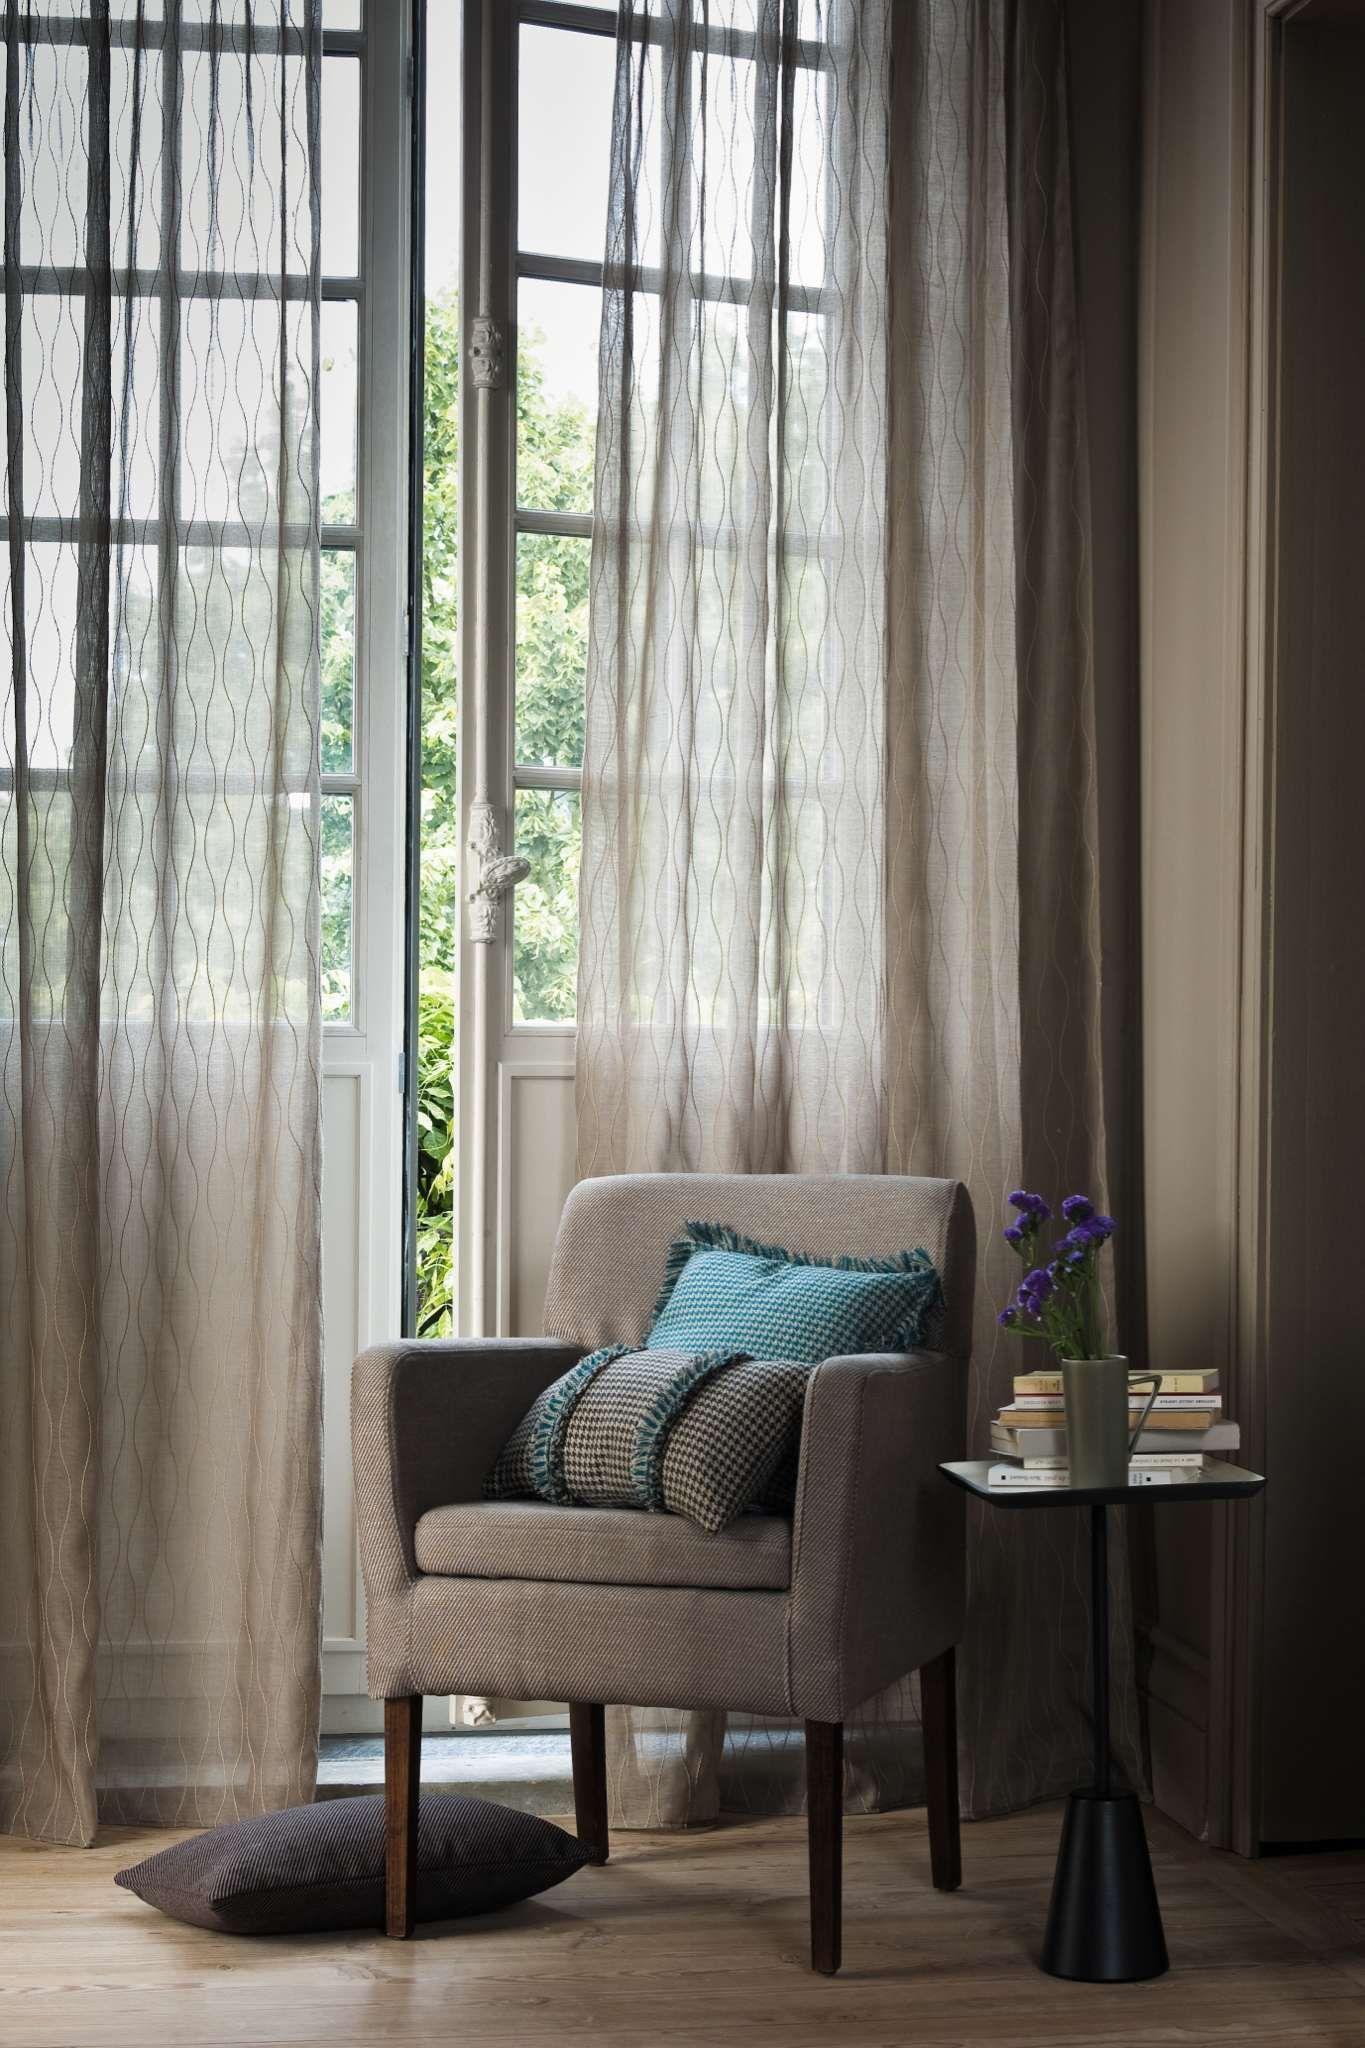 Vitrage en inbetween gordijnen op maat | Huis | Pinterest | Window